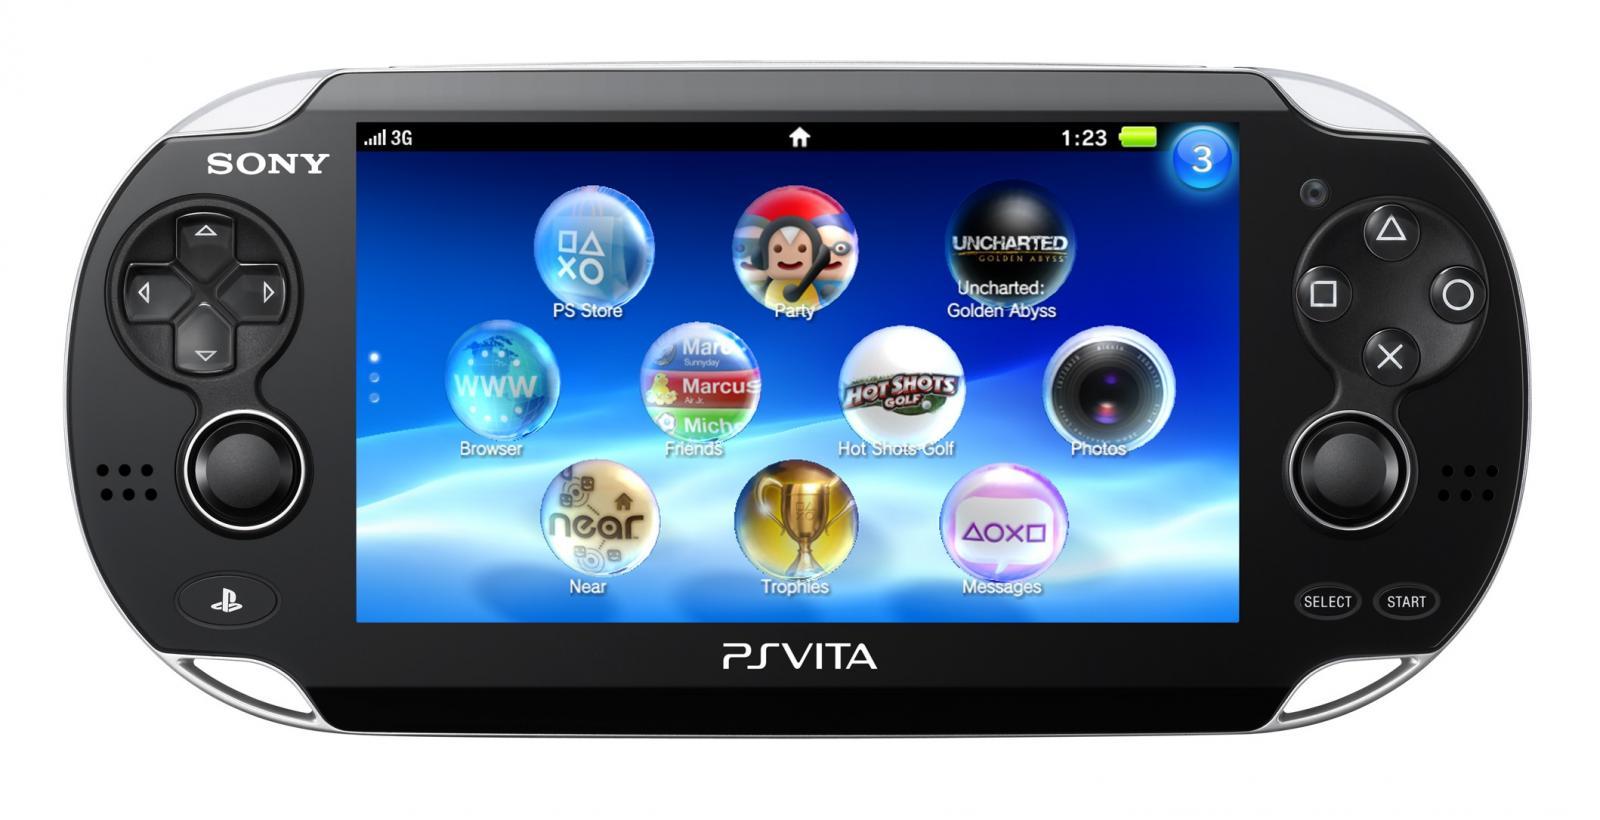 Sony PlayStation Vita Handheld